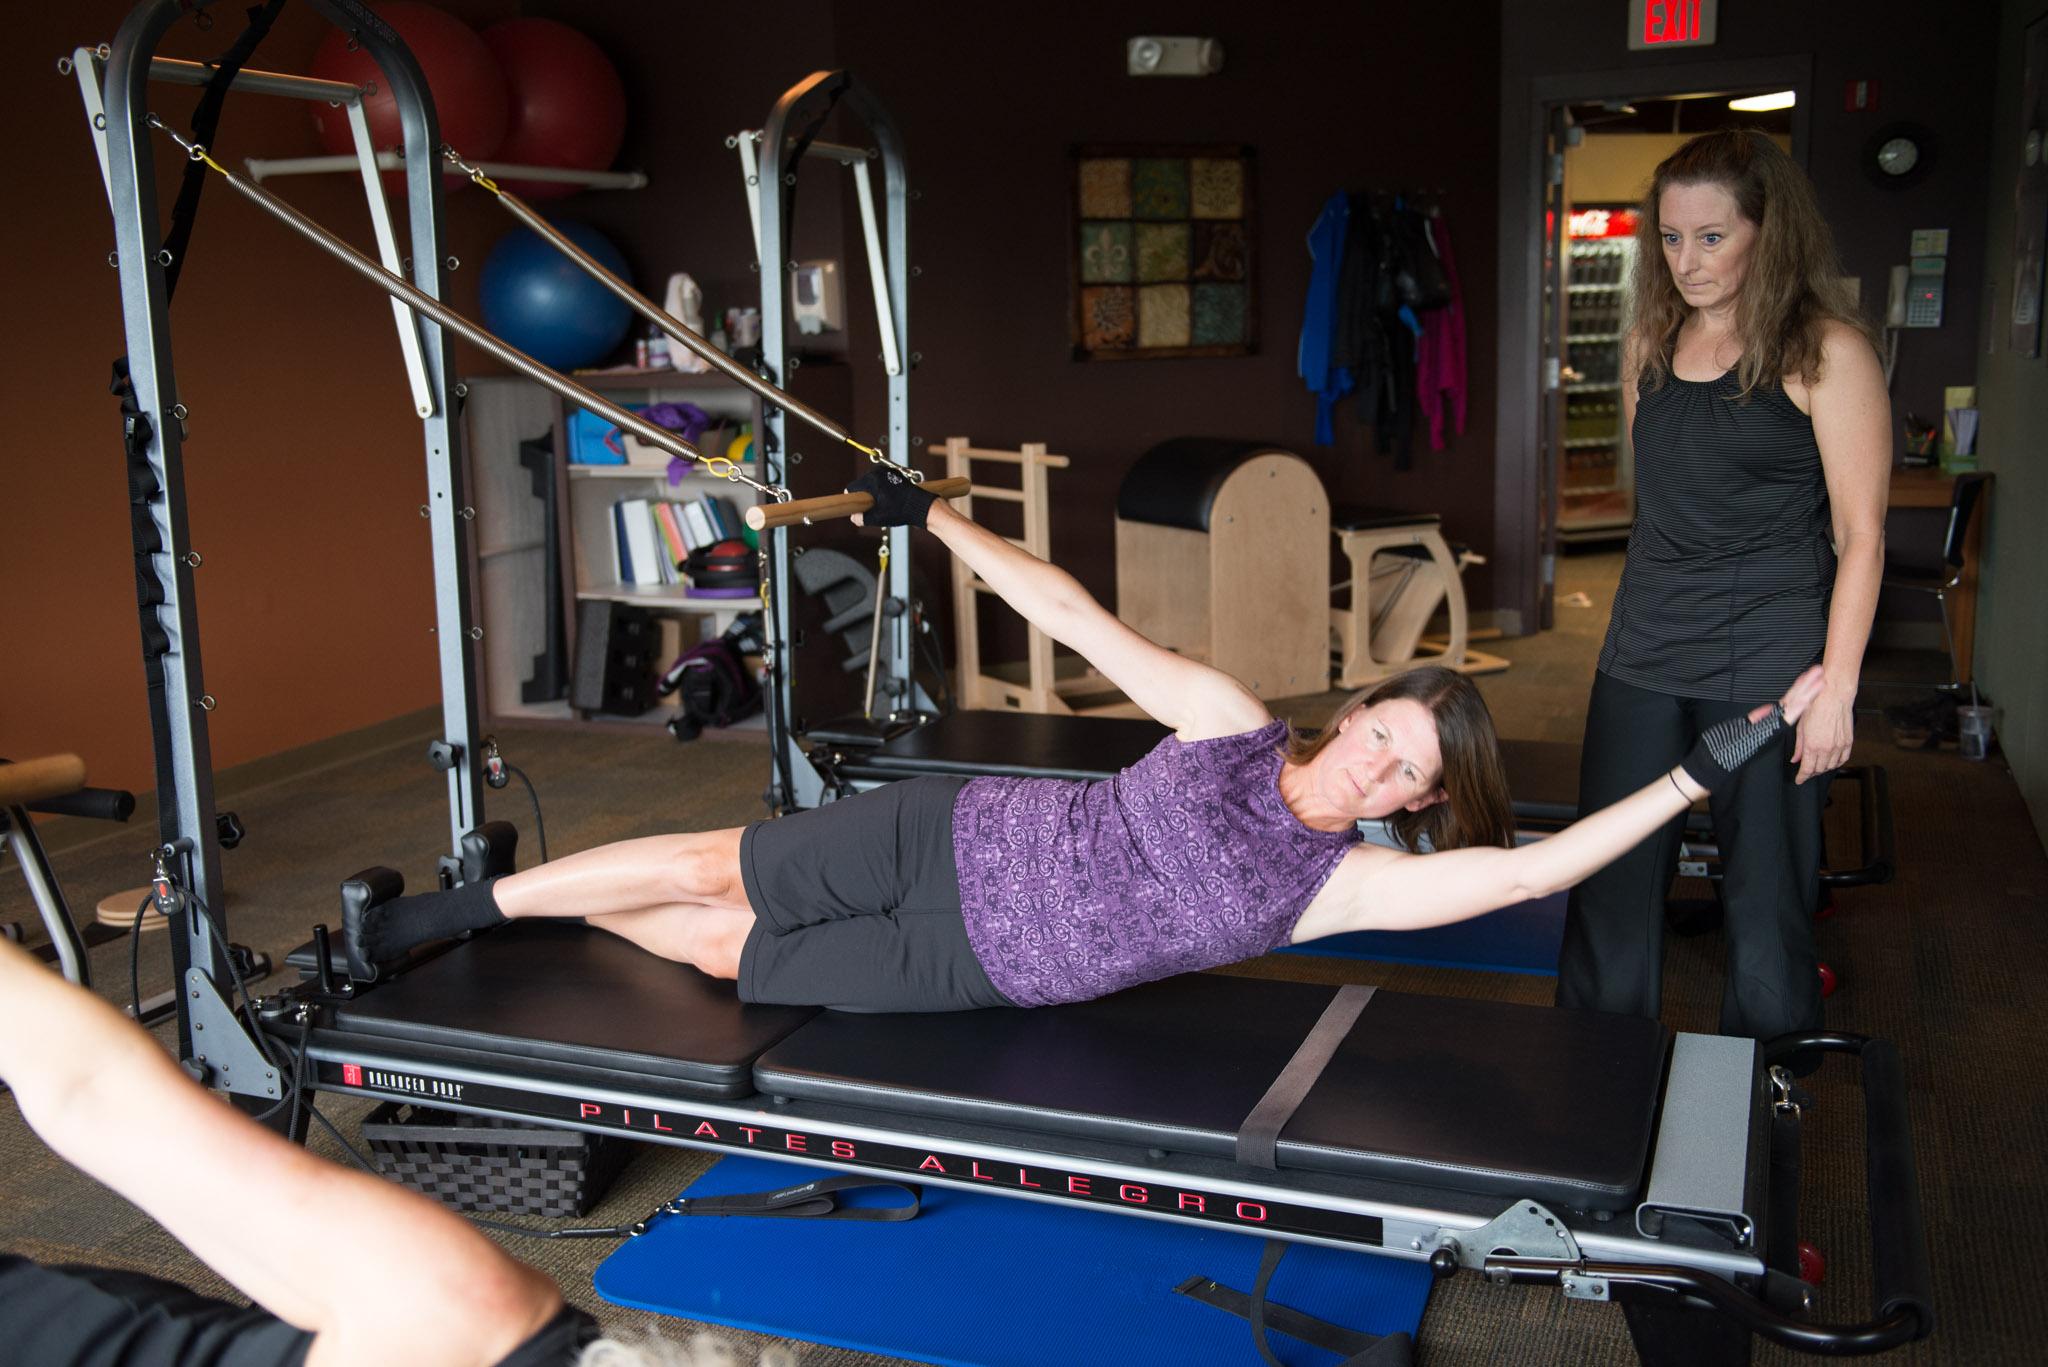 Wellness Center Stock Photos-1442.jpg